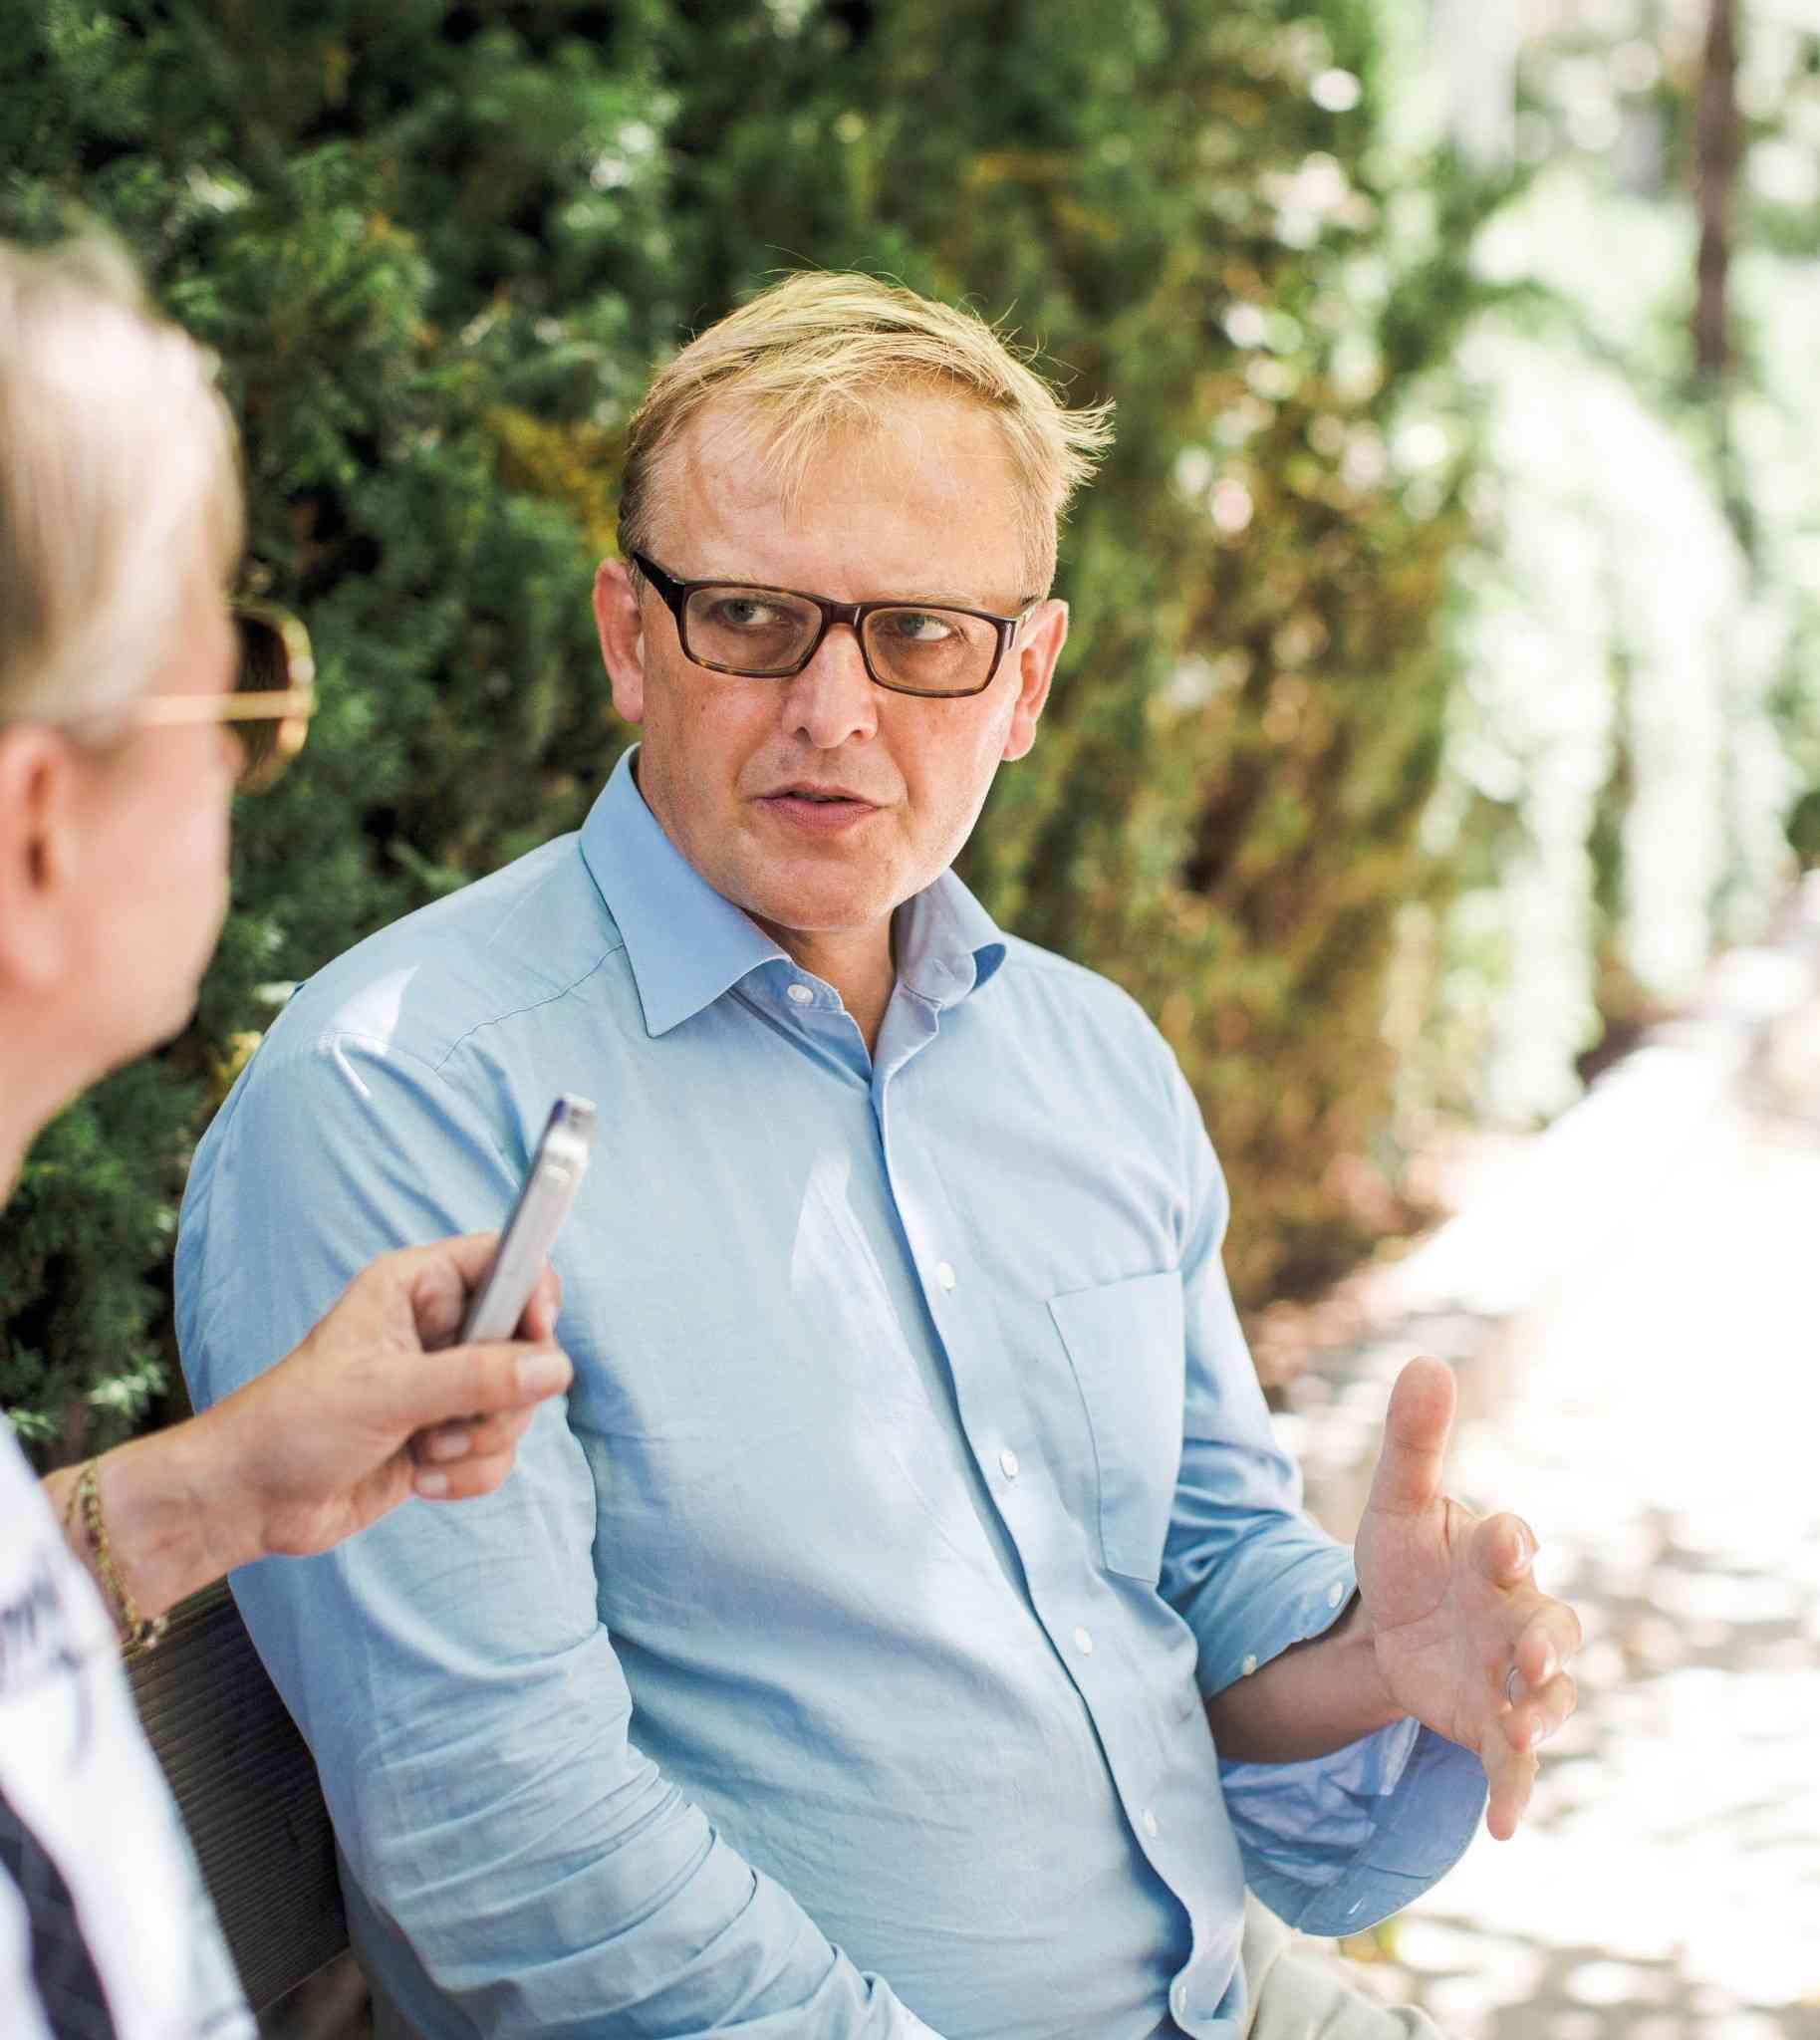 """""""Es braucht eine genaue Planung, damit die Öffis zukunftsfit bleiben können"""", so Markus Ossberger."""